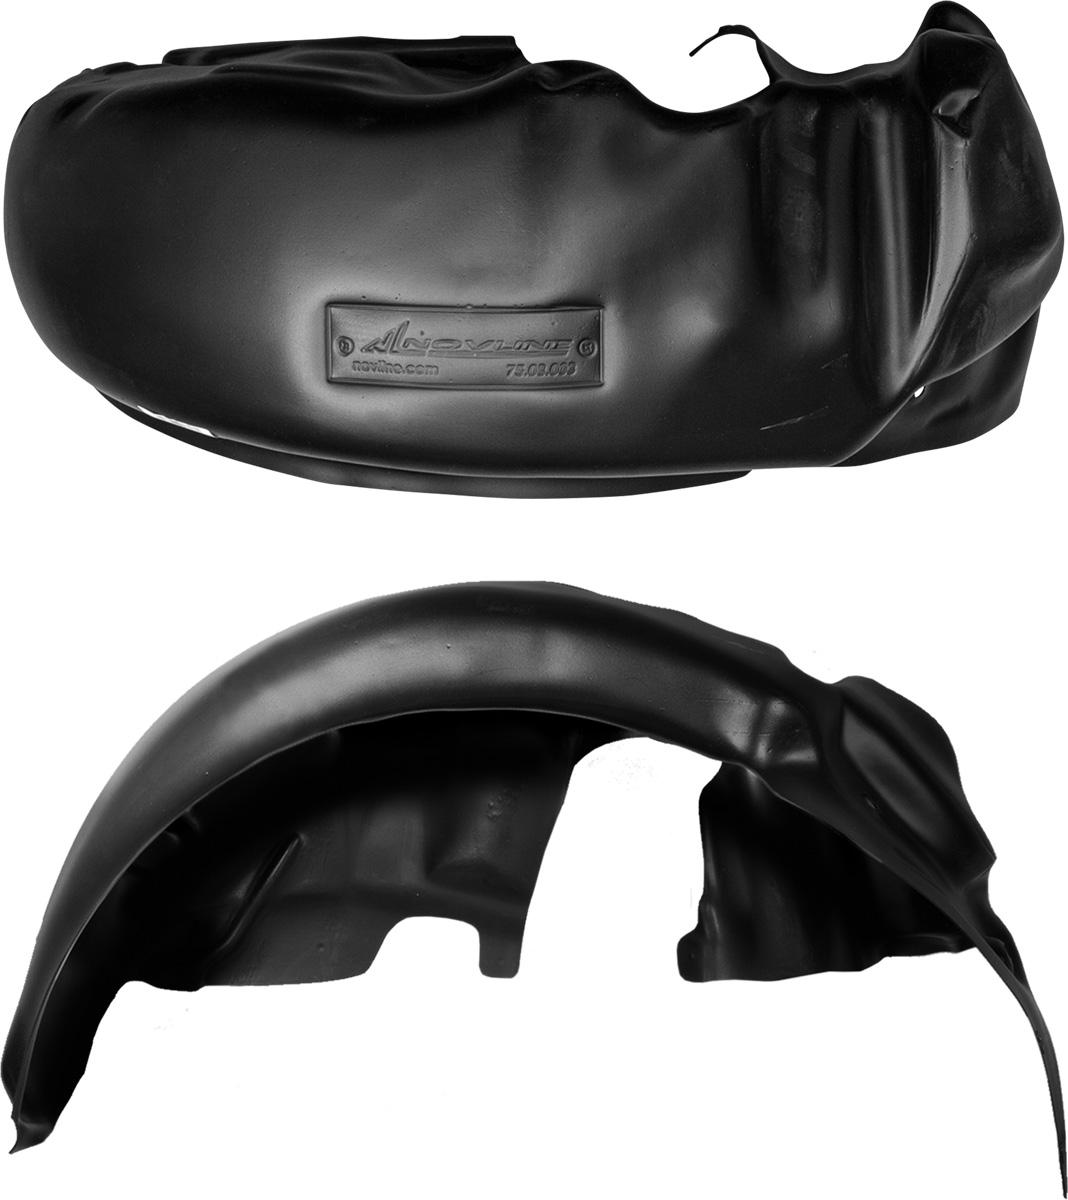 Подкрылок FIAT Ducato, 2012->, передний правый5104Колесные ниши – одни из самых уязвимых зон днища вашего автомобиля. Они постоянно подвергаются воздействию со стороны дороги. Лучшая, почти абсолютная защита для них - специально отформованные пластиковые кожухи, которые называются подкрылками, или локерами. Производятся они как для отечественных моделей автомобилей, так и для иномарок. Подкрылки выполнены из высококачественного, экологически чистого пластика. Обеспечивают надежную защиту кузова автомобиля от пескоструйного эффекта и негативного влияния, агрессивных антигололедных реагентов. Пластик обладает более низкой теплопроводностью, чем металл, поэтому в зимний период эксплуатации использование пластиковых подкрылков позволяет лучше защитить колесные ниши от налипания снега и образования наледи. Оригинальность конструкции подчеркивает элегантность автомобиля, бережно защищает нанесенное на днище кузова антикоррозийное покрытие и позволяет осуществить крепление подкрылков внутри колесной арки практически без дополнительного крепежа и сверления, не нарушая при этом лакокрасочного покрытия, что предотвращает возникновение новых очагов коррозии. Технология крепления подкрылков на иномарки принципиально отличается от крепления на российские автомобили и разрабатывается индивидуально для каждой модели автомобиля. Подкрылки долговечны, обладают высокой прочностью и сохраняют заданную форму, а также все свои физико-механические характеристики в самых тяжелых климатических условиях ( от -50° С до + 50° С).